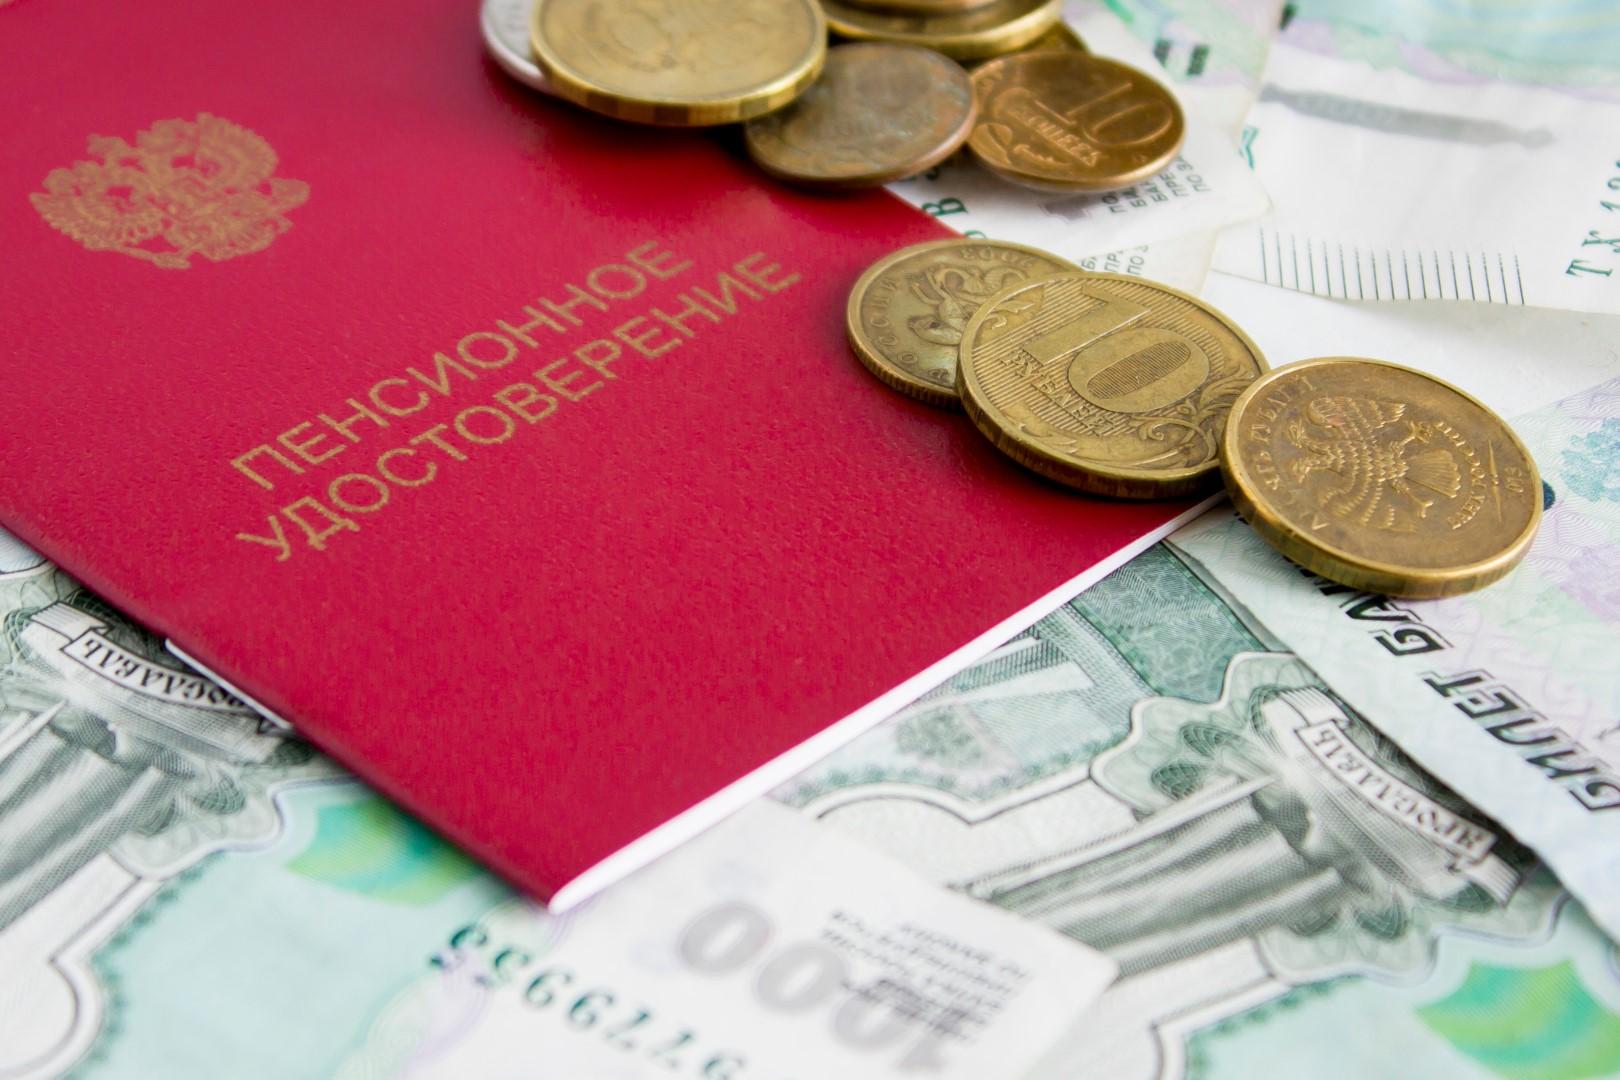 В ПФР разъяснили порядок получения выплаты из пенсионных накоплений